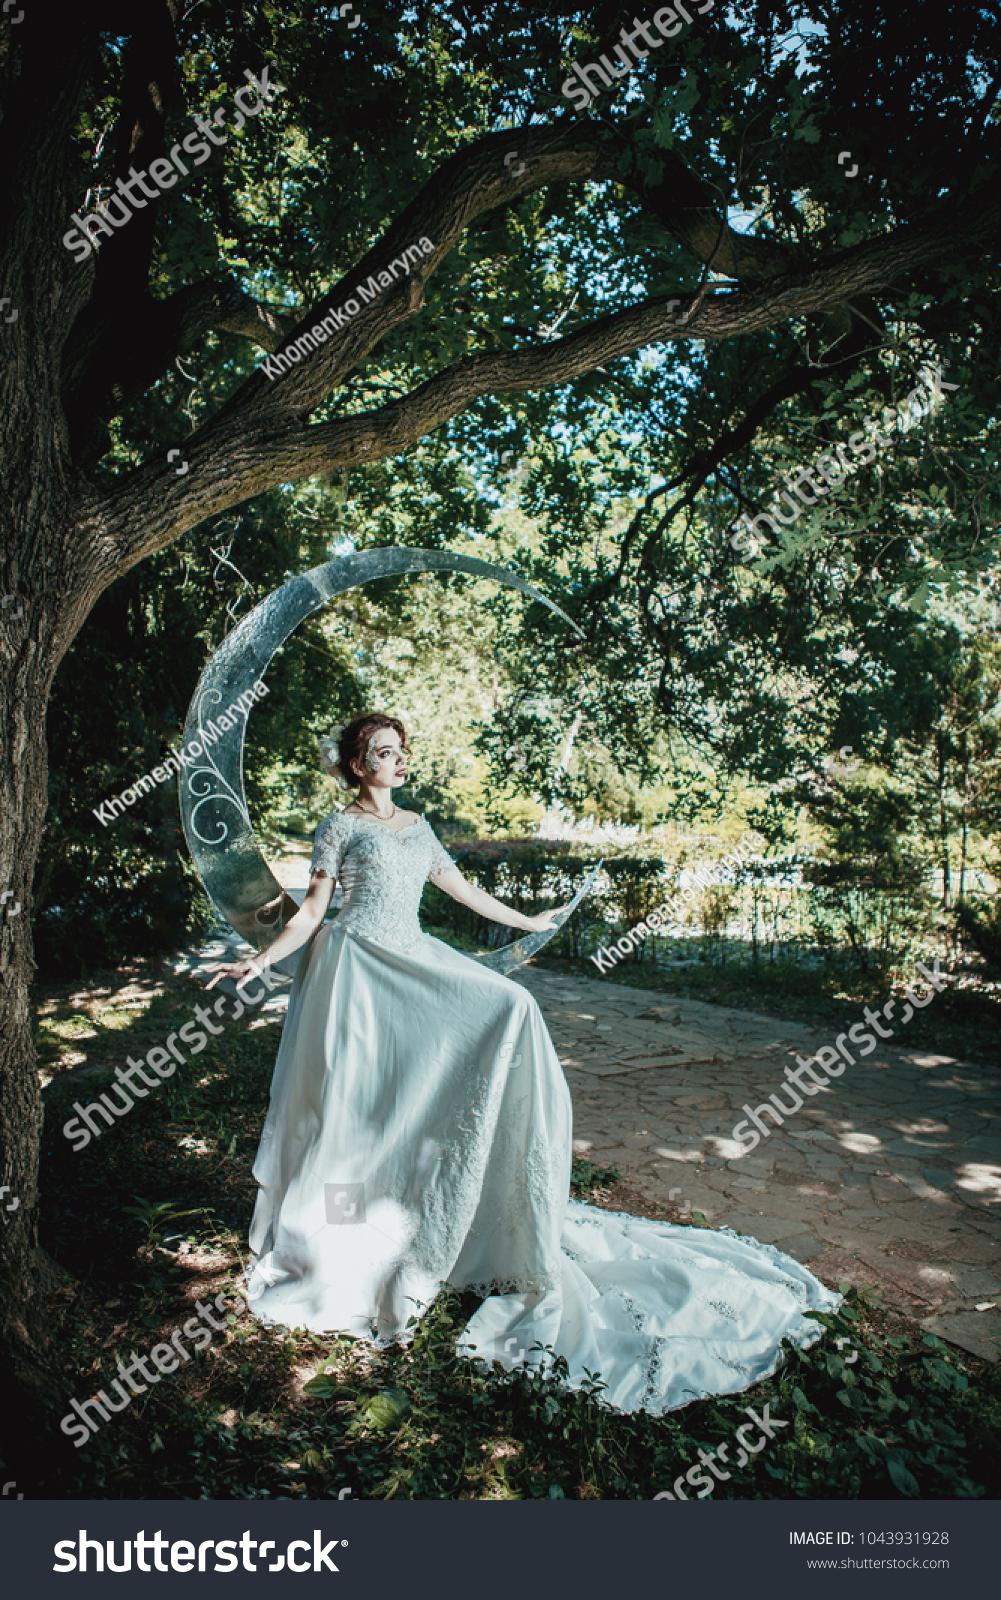 Beautiful Lady Wedding Dress Standing Near Stock Photo (Royalty Free ...